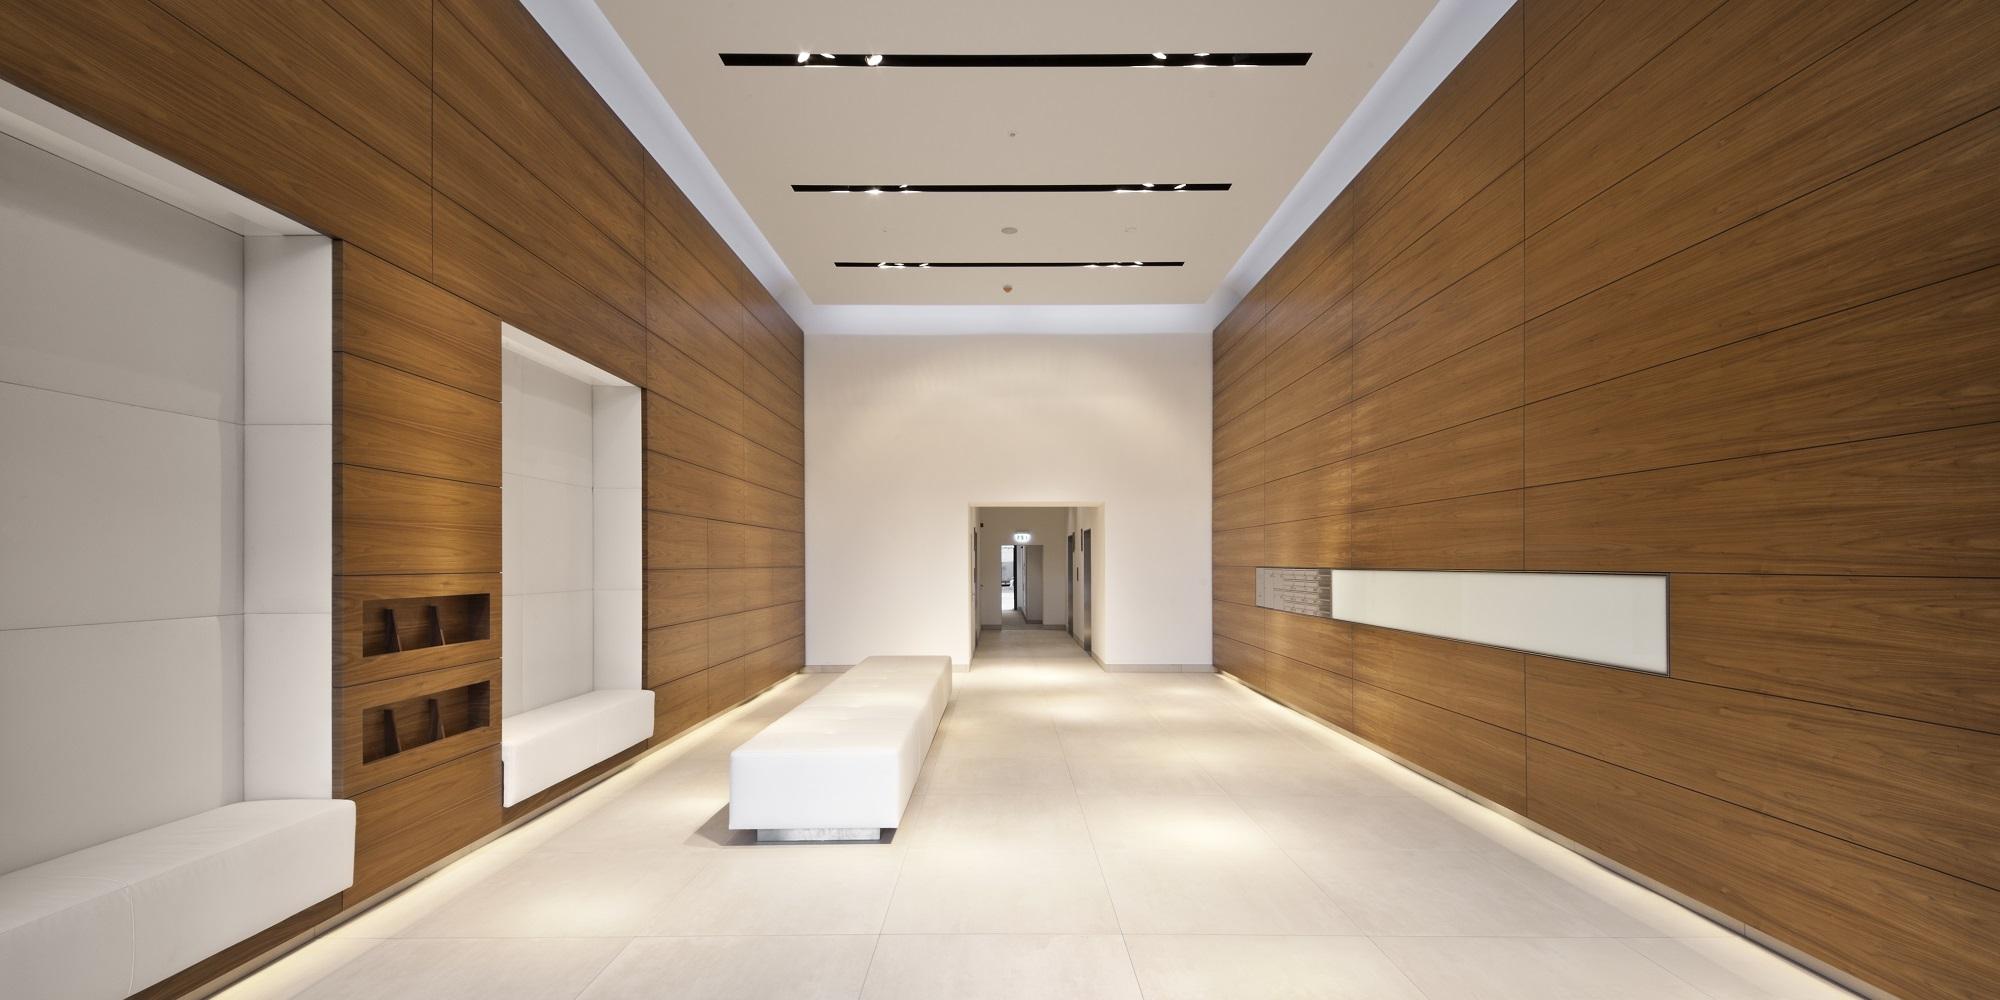 notholt lighting design referenzliste lichtkonzepte. Black Bedroom Furniture Sets. Home Design Ideas